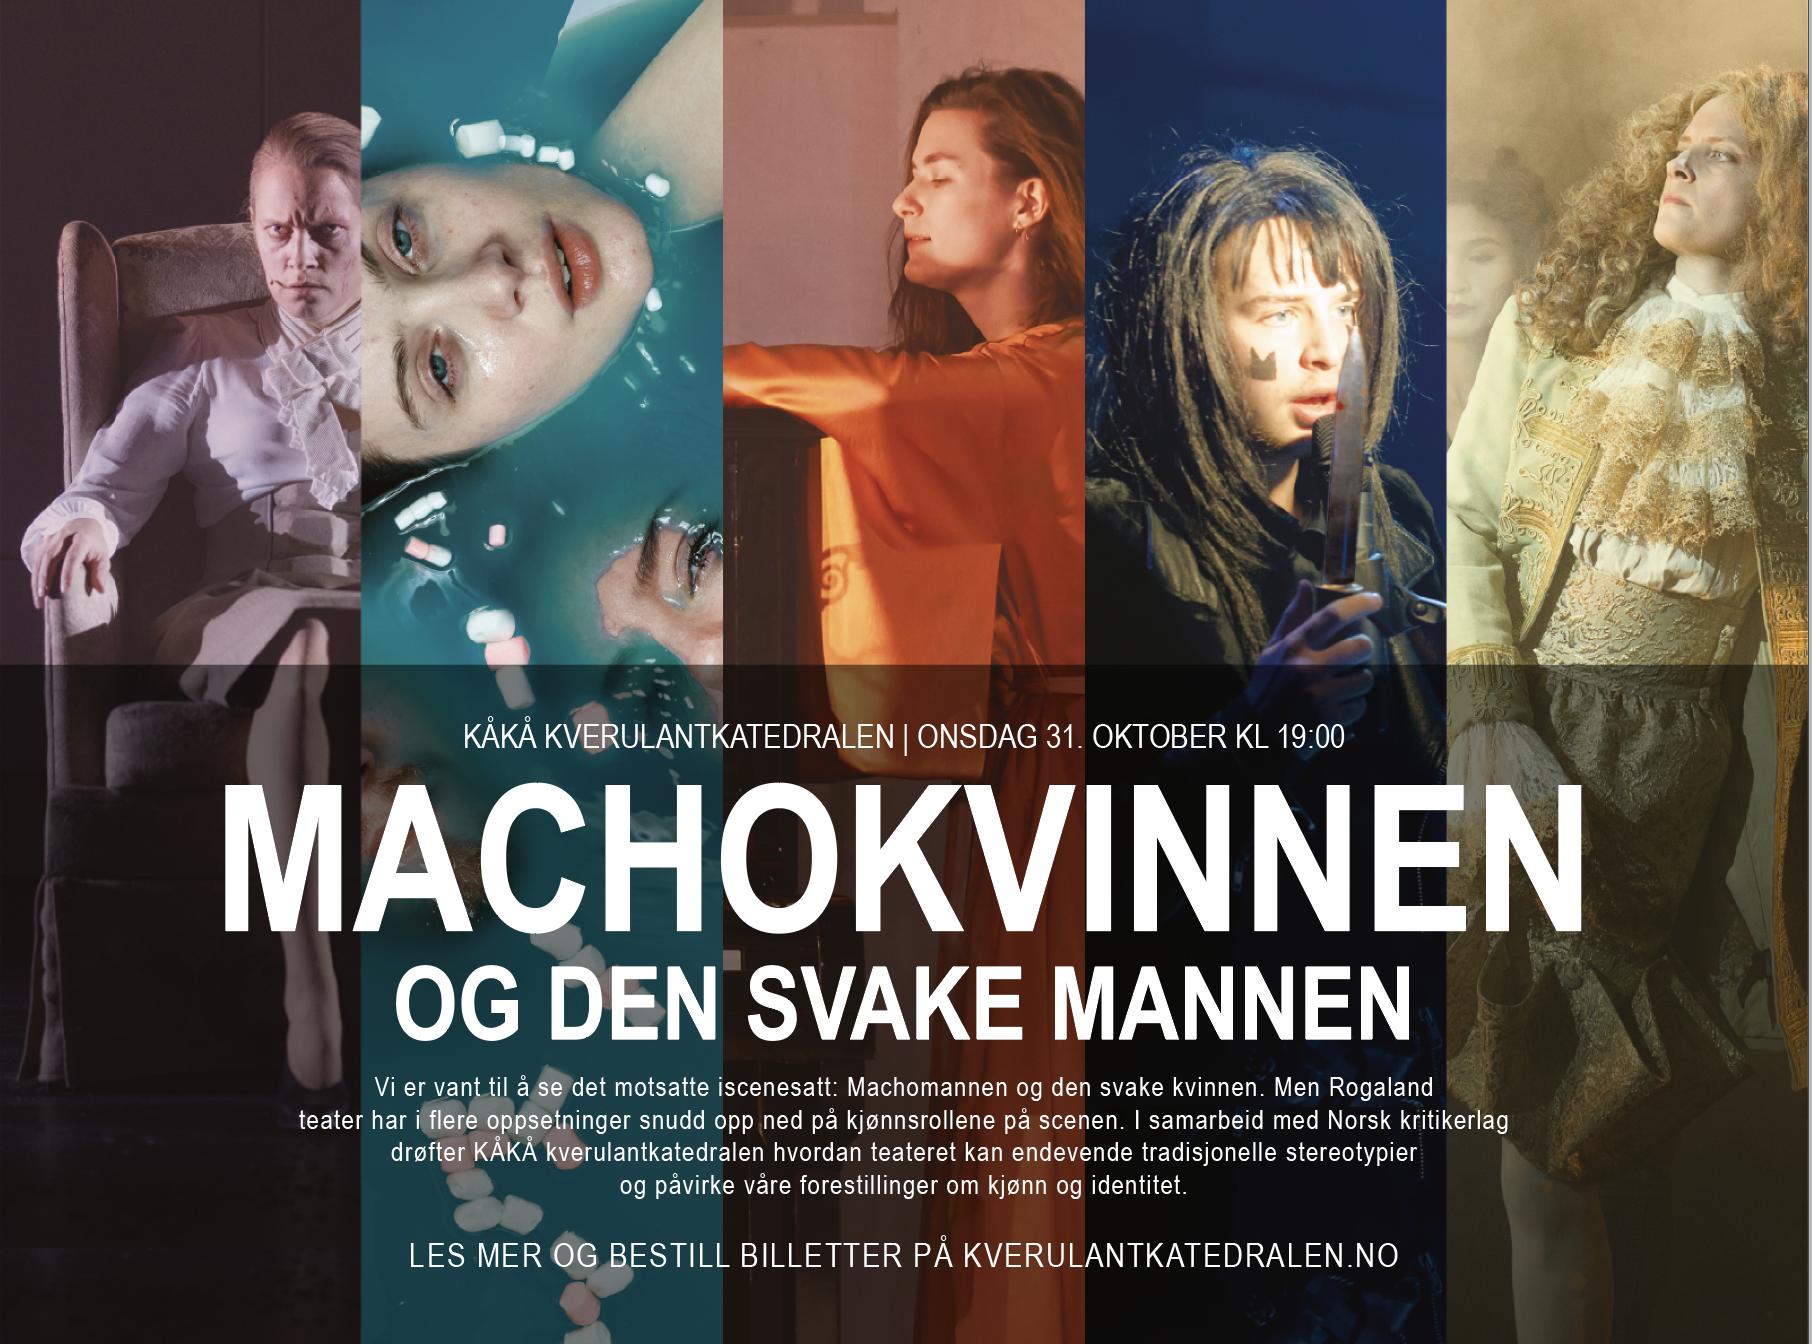 Montasje i forbindelse med debatten. Alle foto av Stig Håvard Dirdal, Rogaland teater.